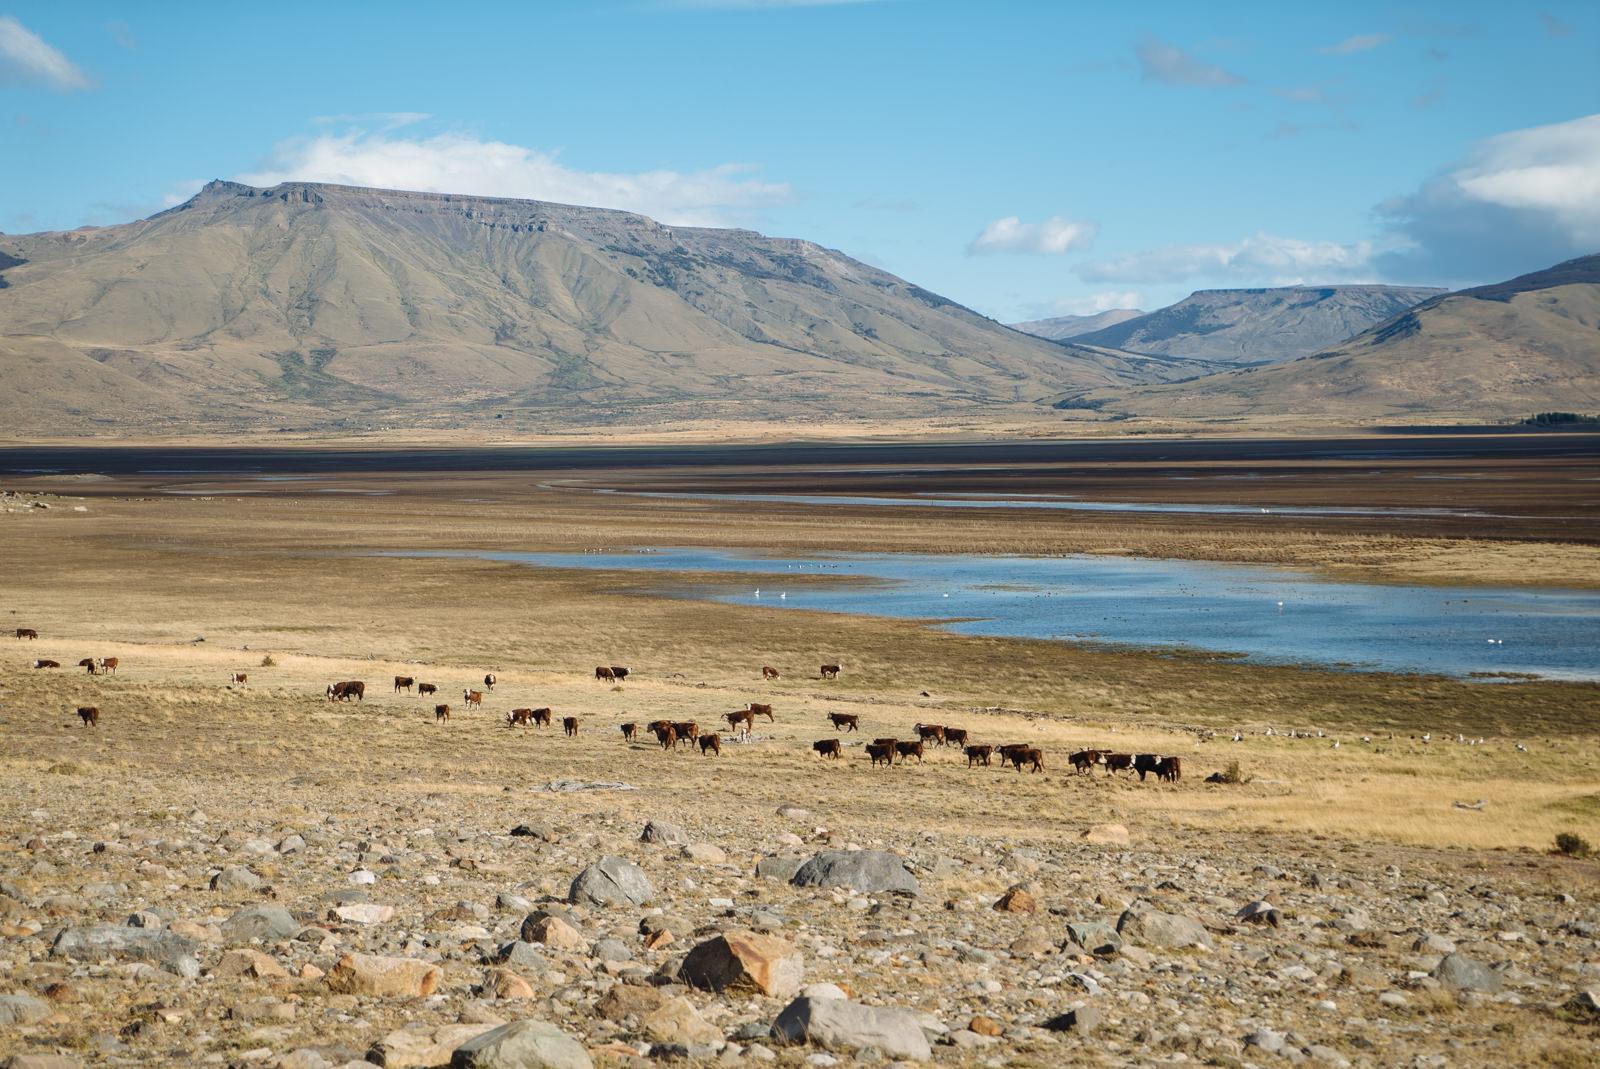 wrenee-el-calafate-patagonia-argentina-5.jpg